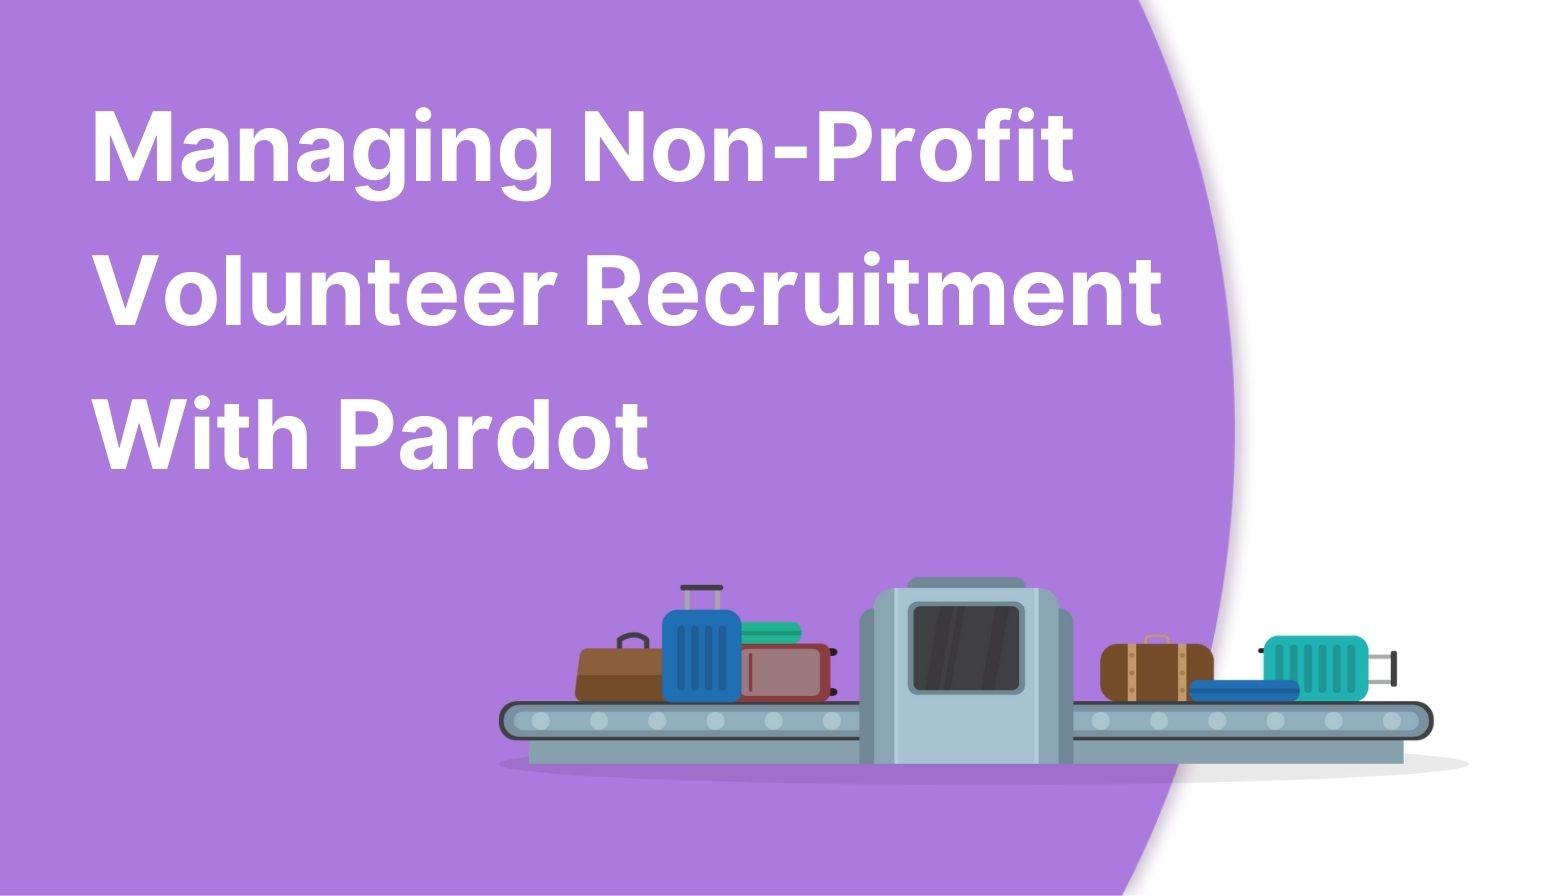 Feature image: Managing Non-Profit Volunteer Recruitment With Pardot